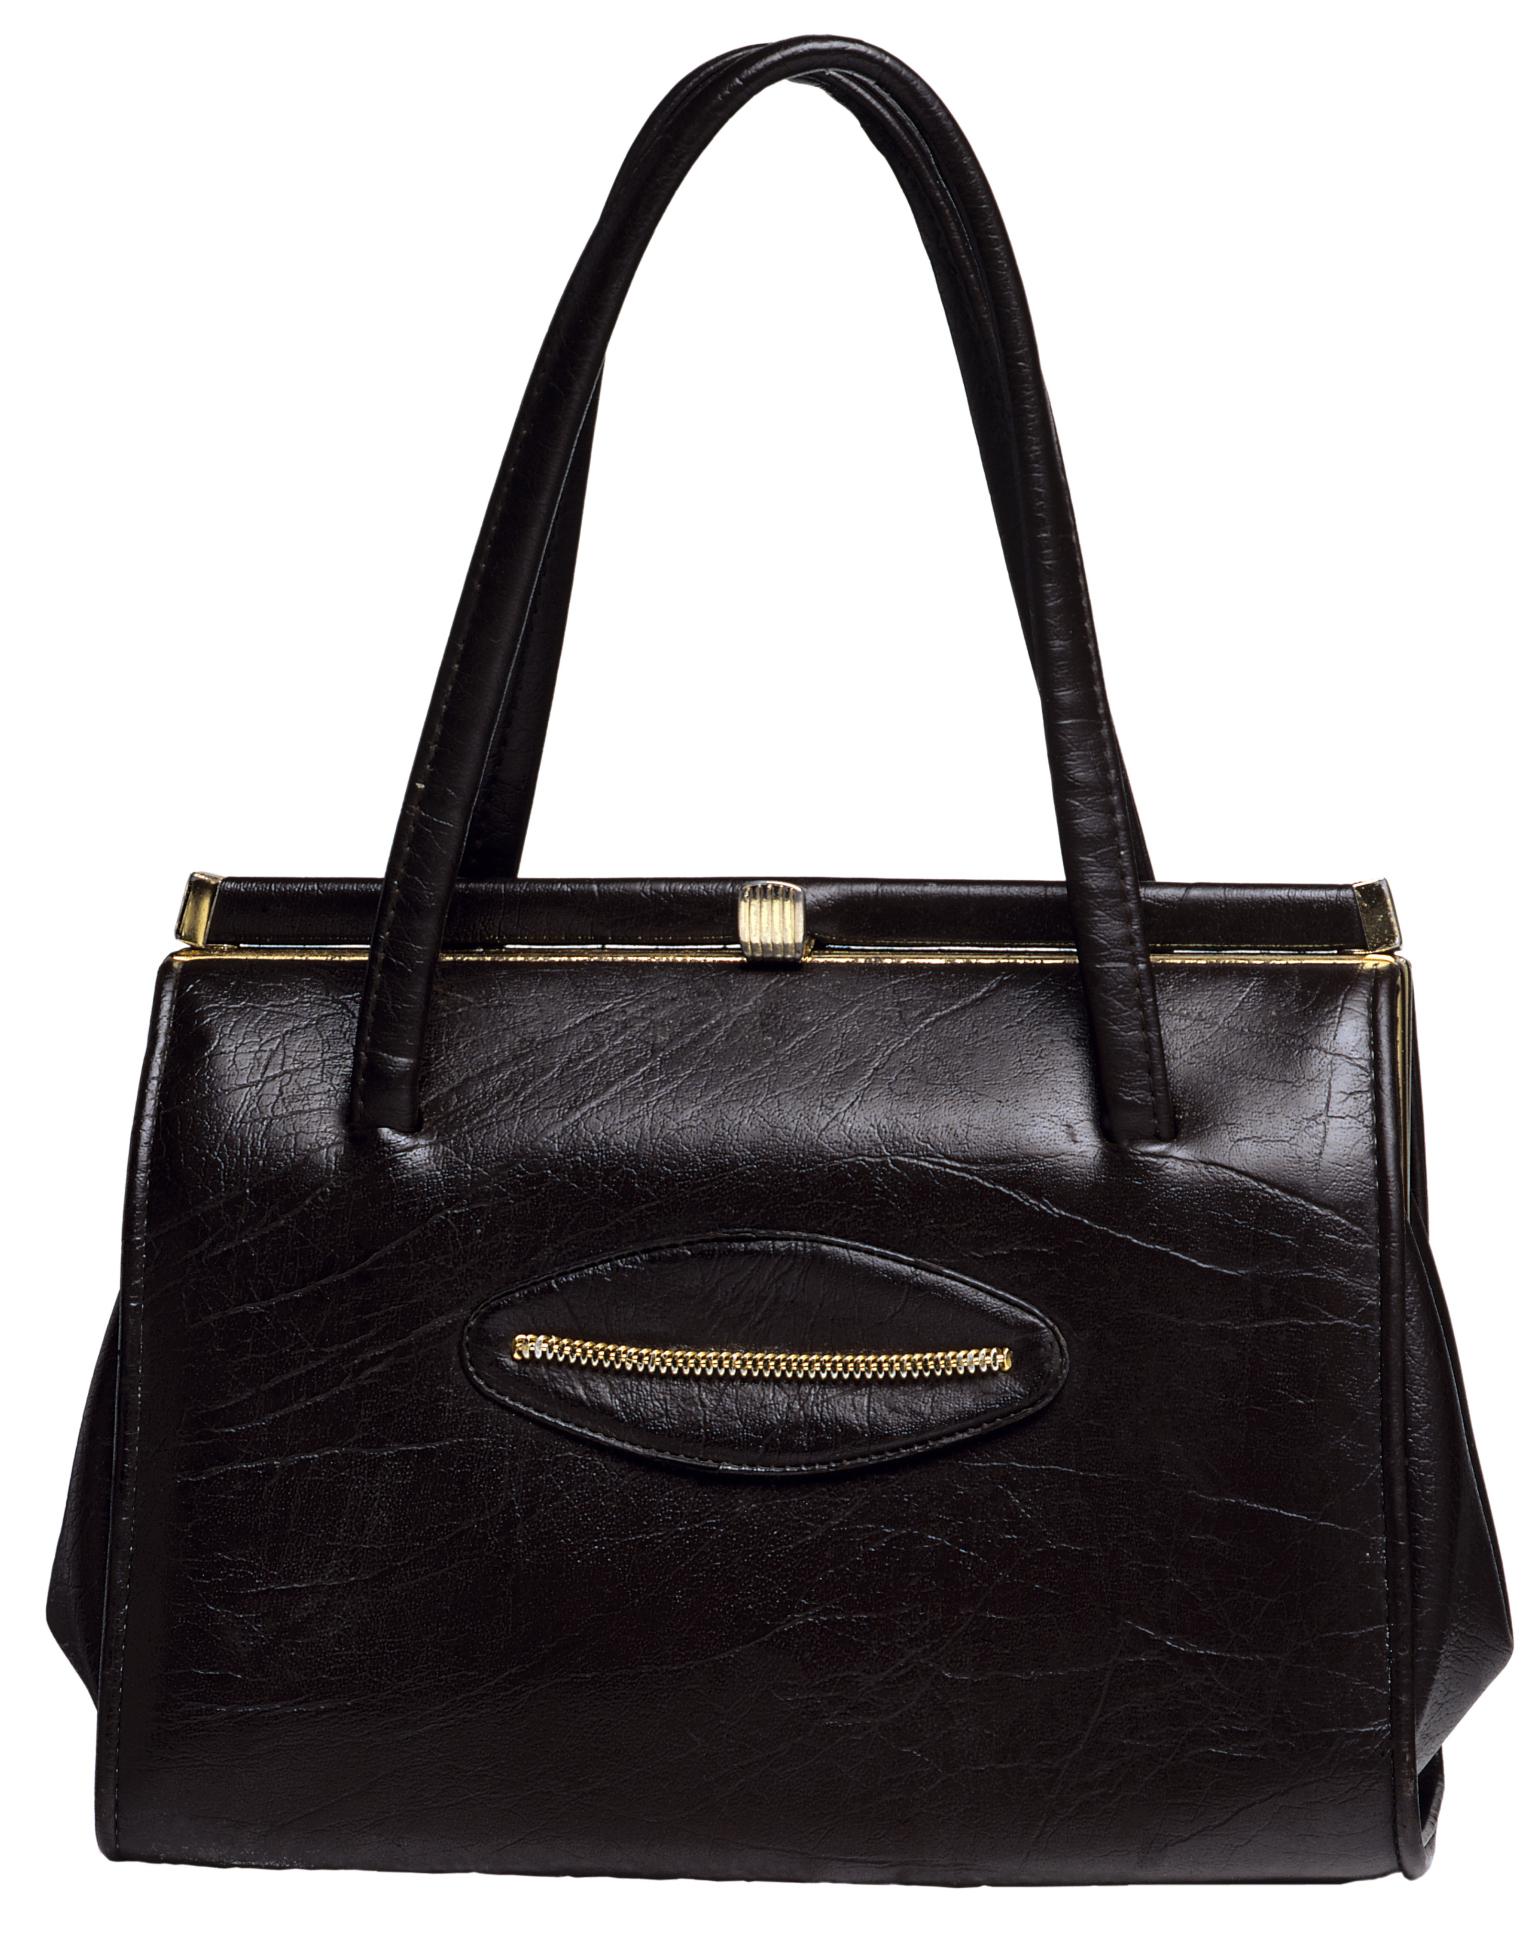 How to Spot a Fake Desmo Bag  46f39eeda5ab2